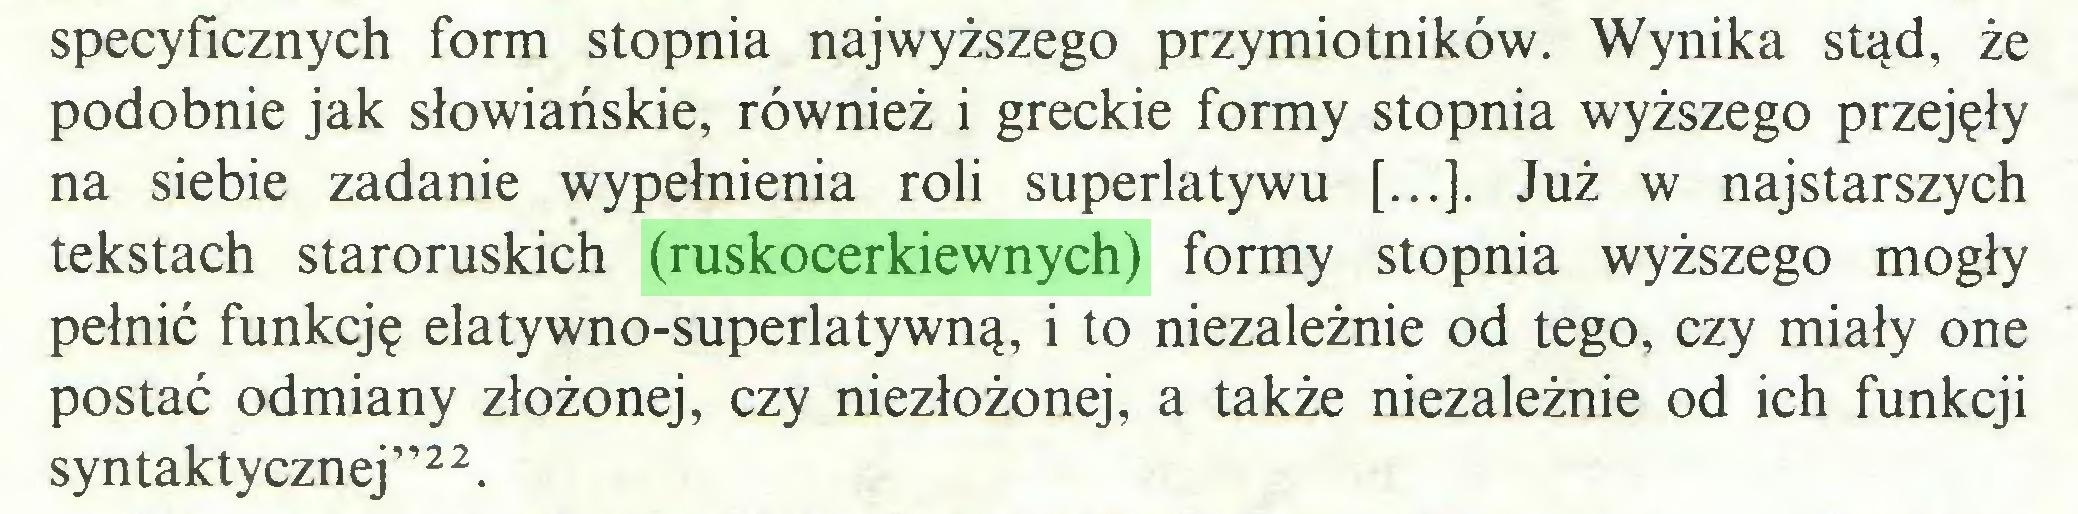 """(...) specyficznych form stopnia najwyższego przymiotników. Wynika stąd, że podobnie jak słowiańskie, również i greckie formy stopnia wyższego przejęły na siebie zadanie wypełnienia roli superlatywu [...]. Już w najstarszych tekstach staroruskich (ruskocerkiewnych) formy stopnia wyższego mogły pełnić funkcję elatywno-superlatywną, i to niezależnie od tego, czy miały one postać odmiany złożonej, czy niezłożonej, a także niezależnie od ich funkcji syntaktycznej""""22..."""